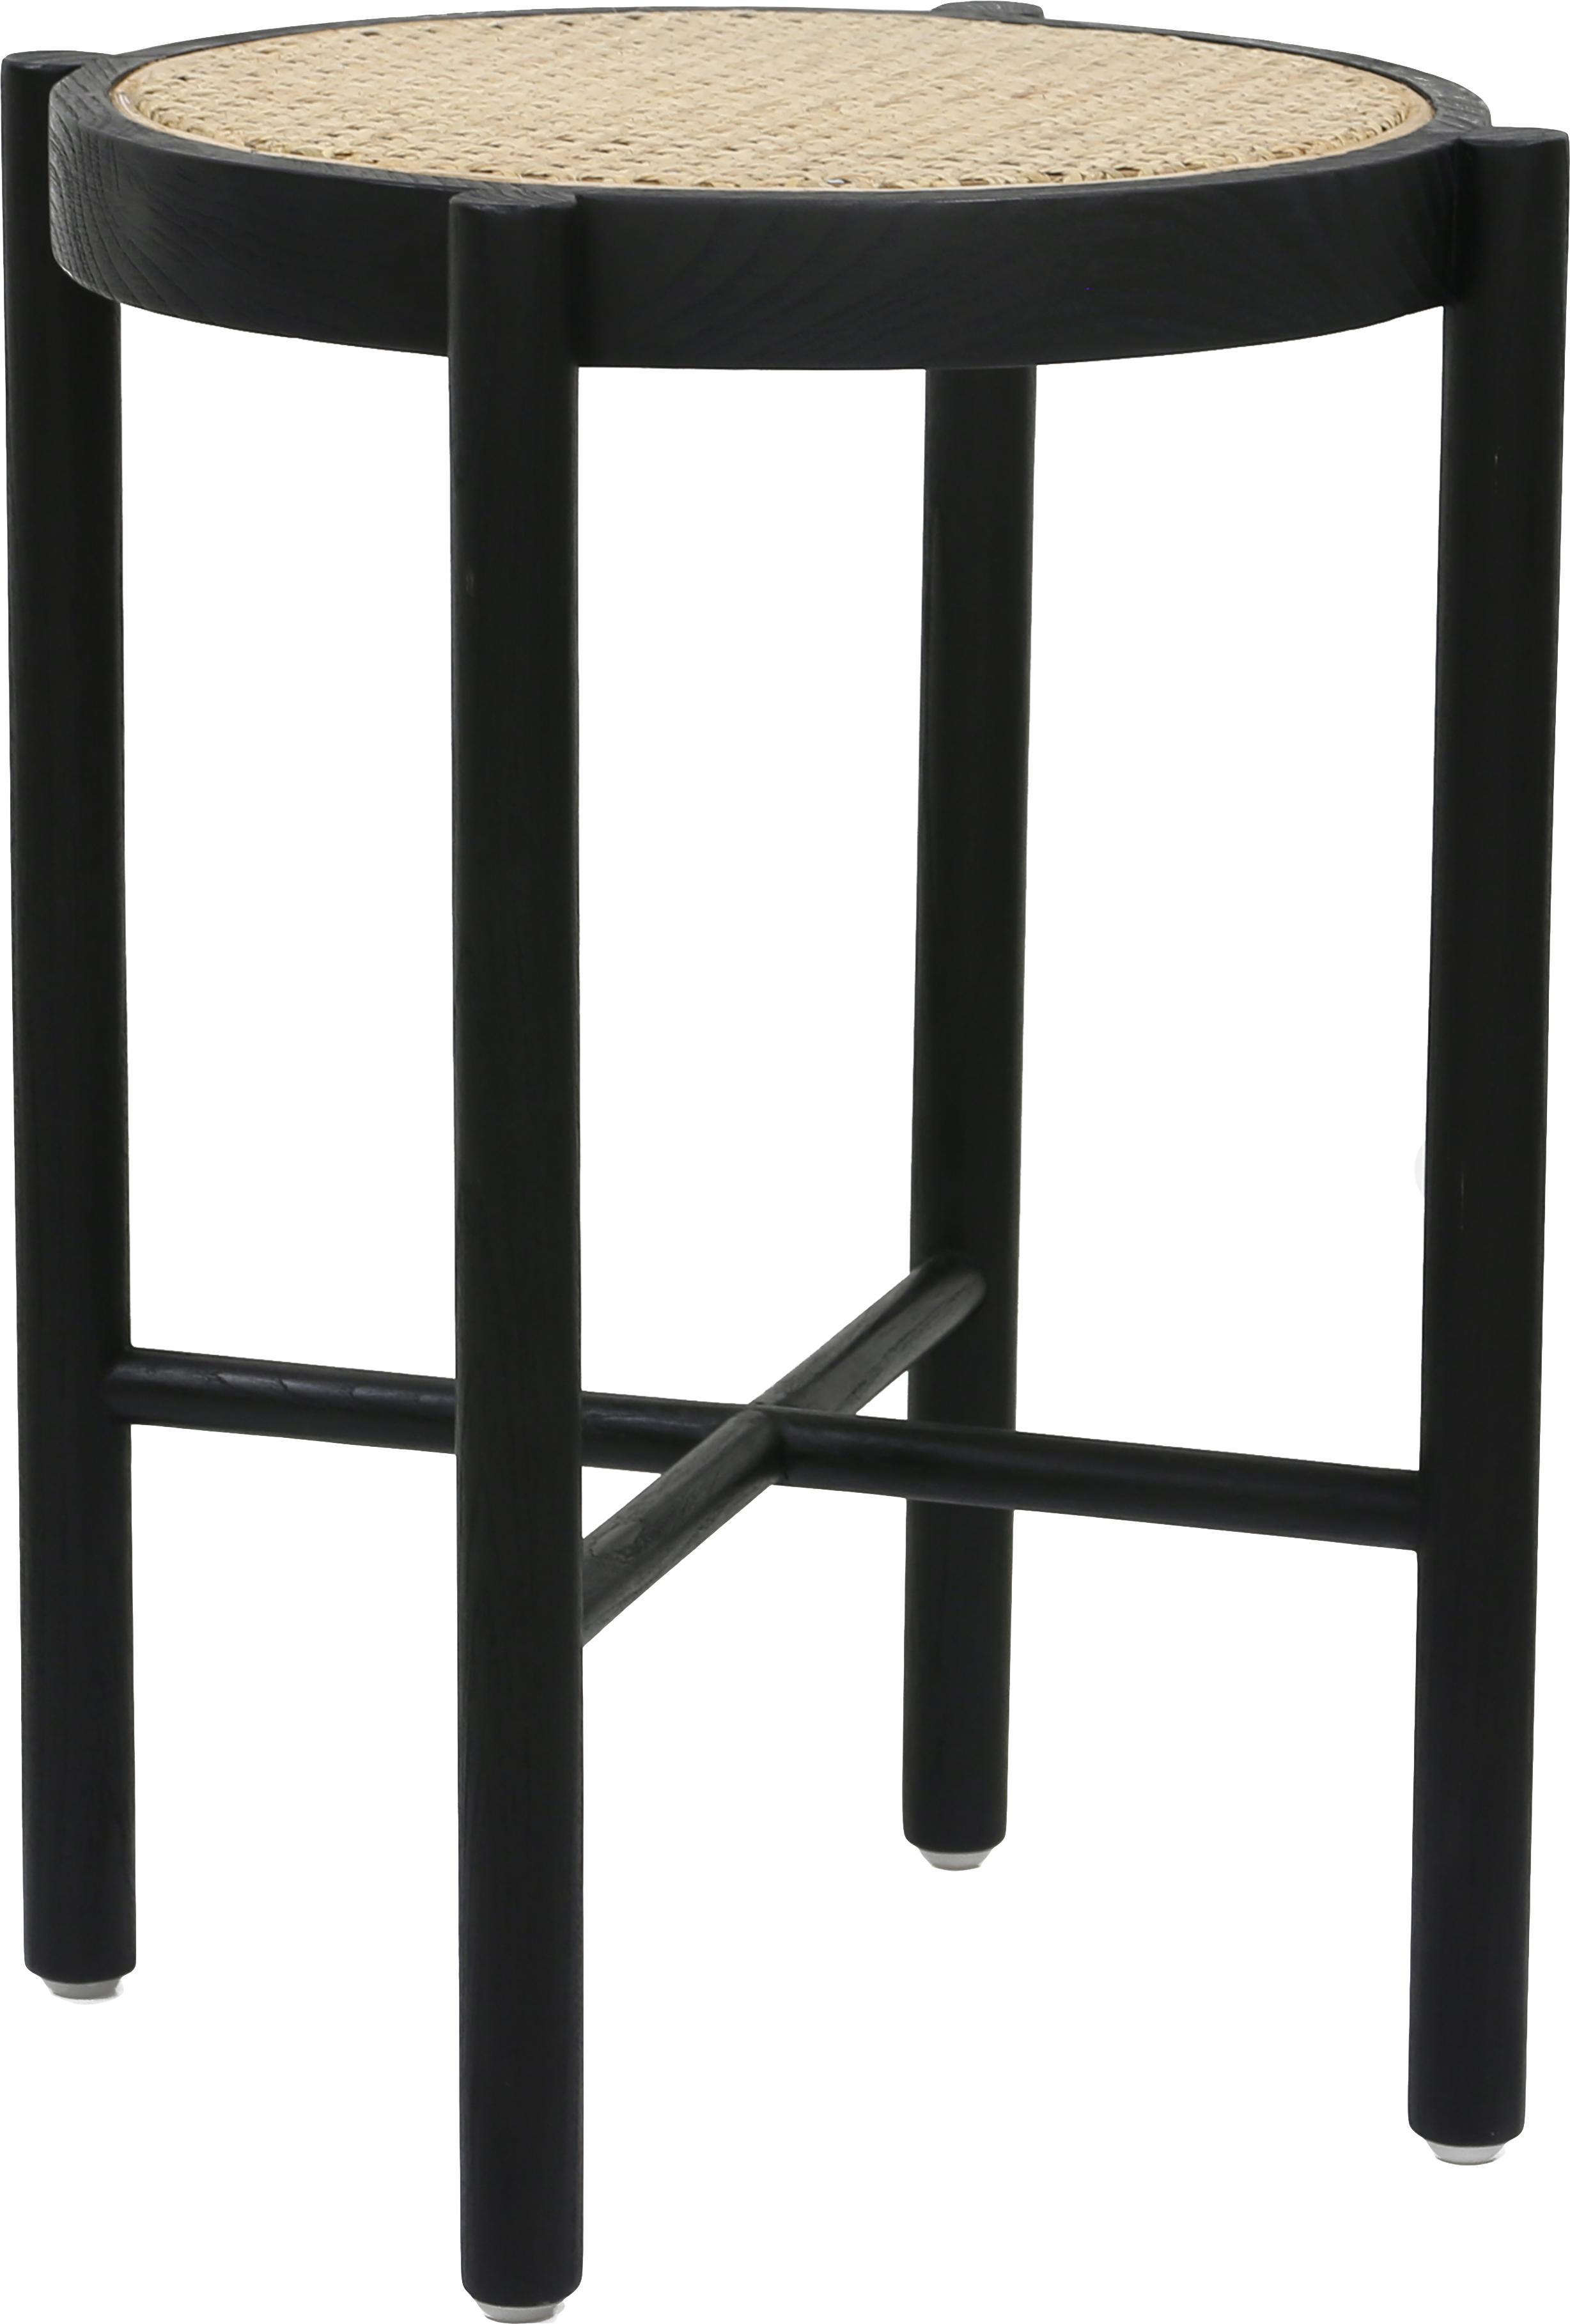 Kruk Retro met Weens vlechtwerk, Zwart, Ø 35 x H 50 cm